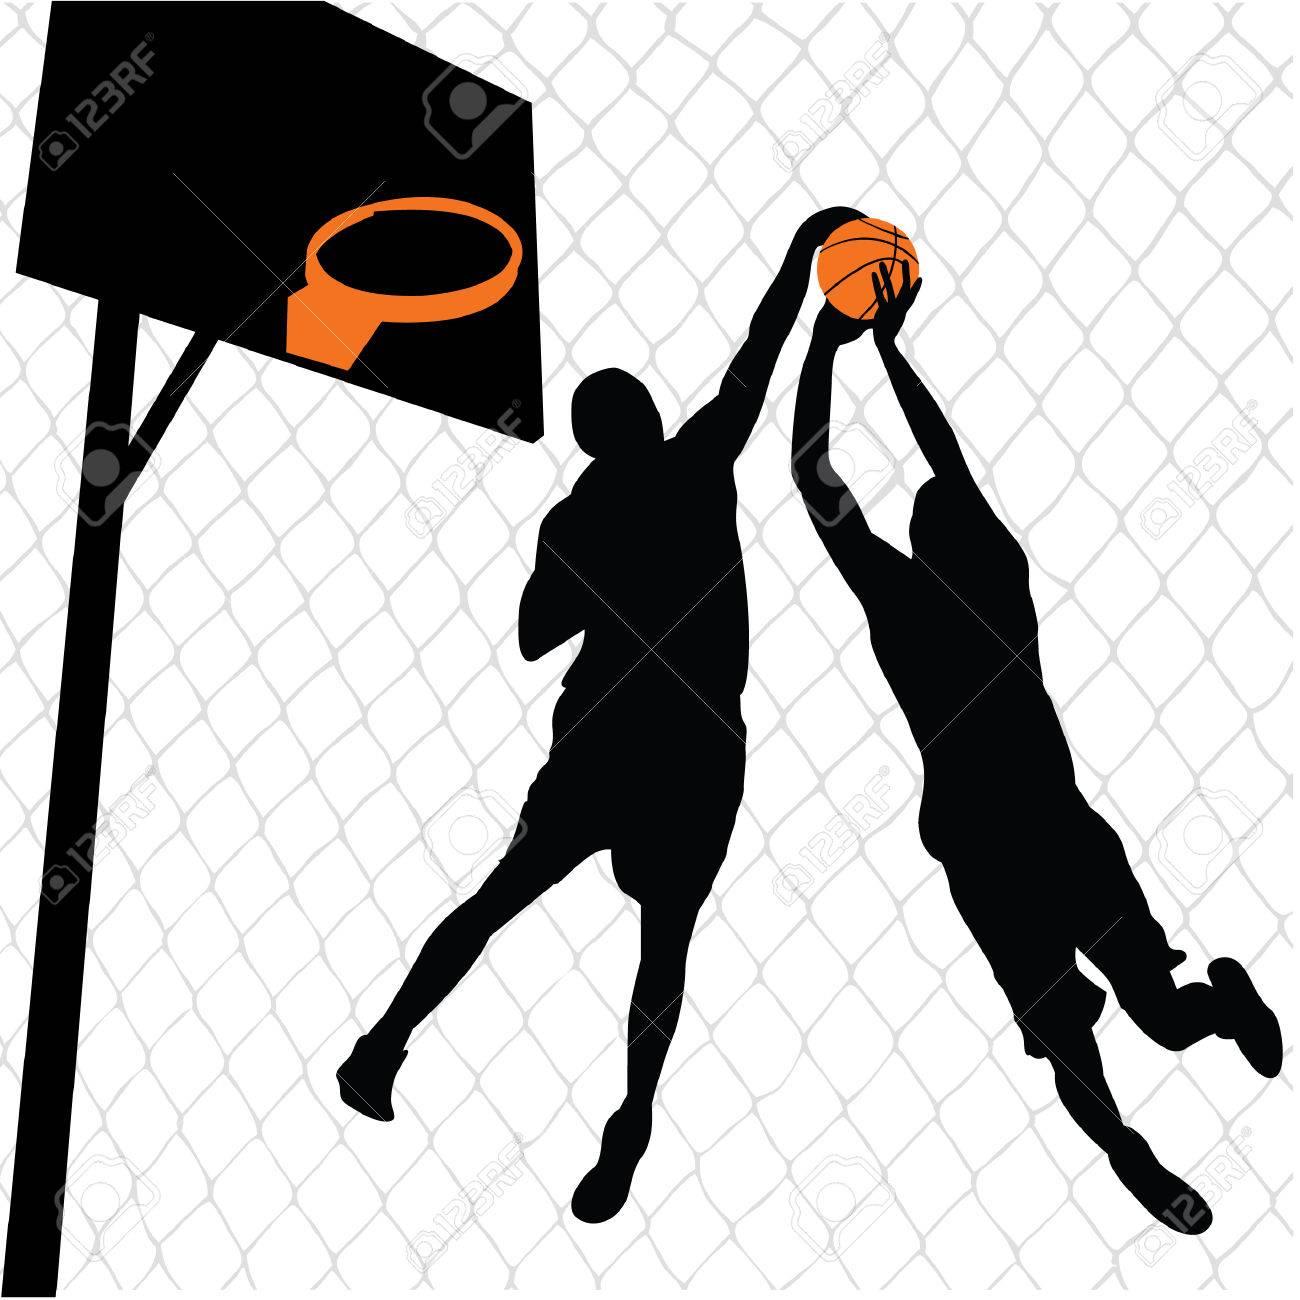 basketball players Stock Vector - 6993173